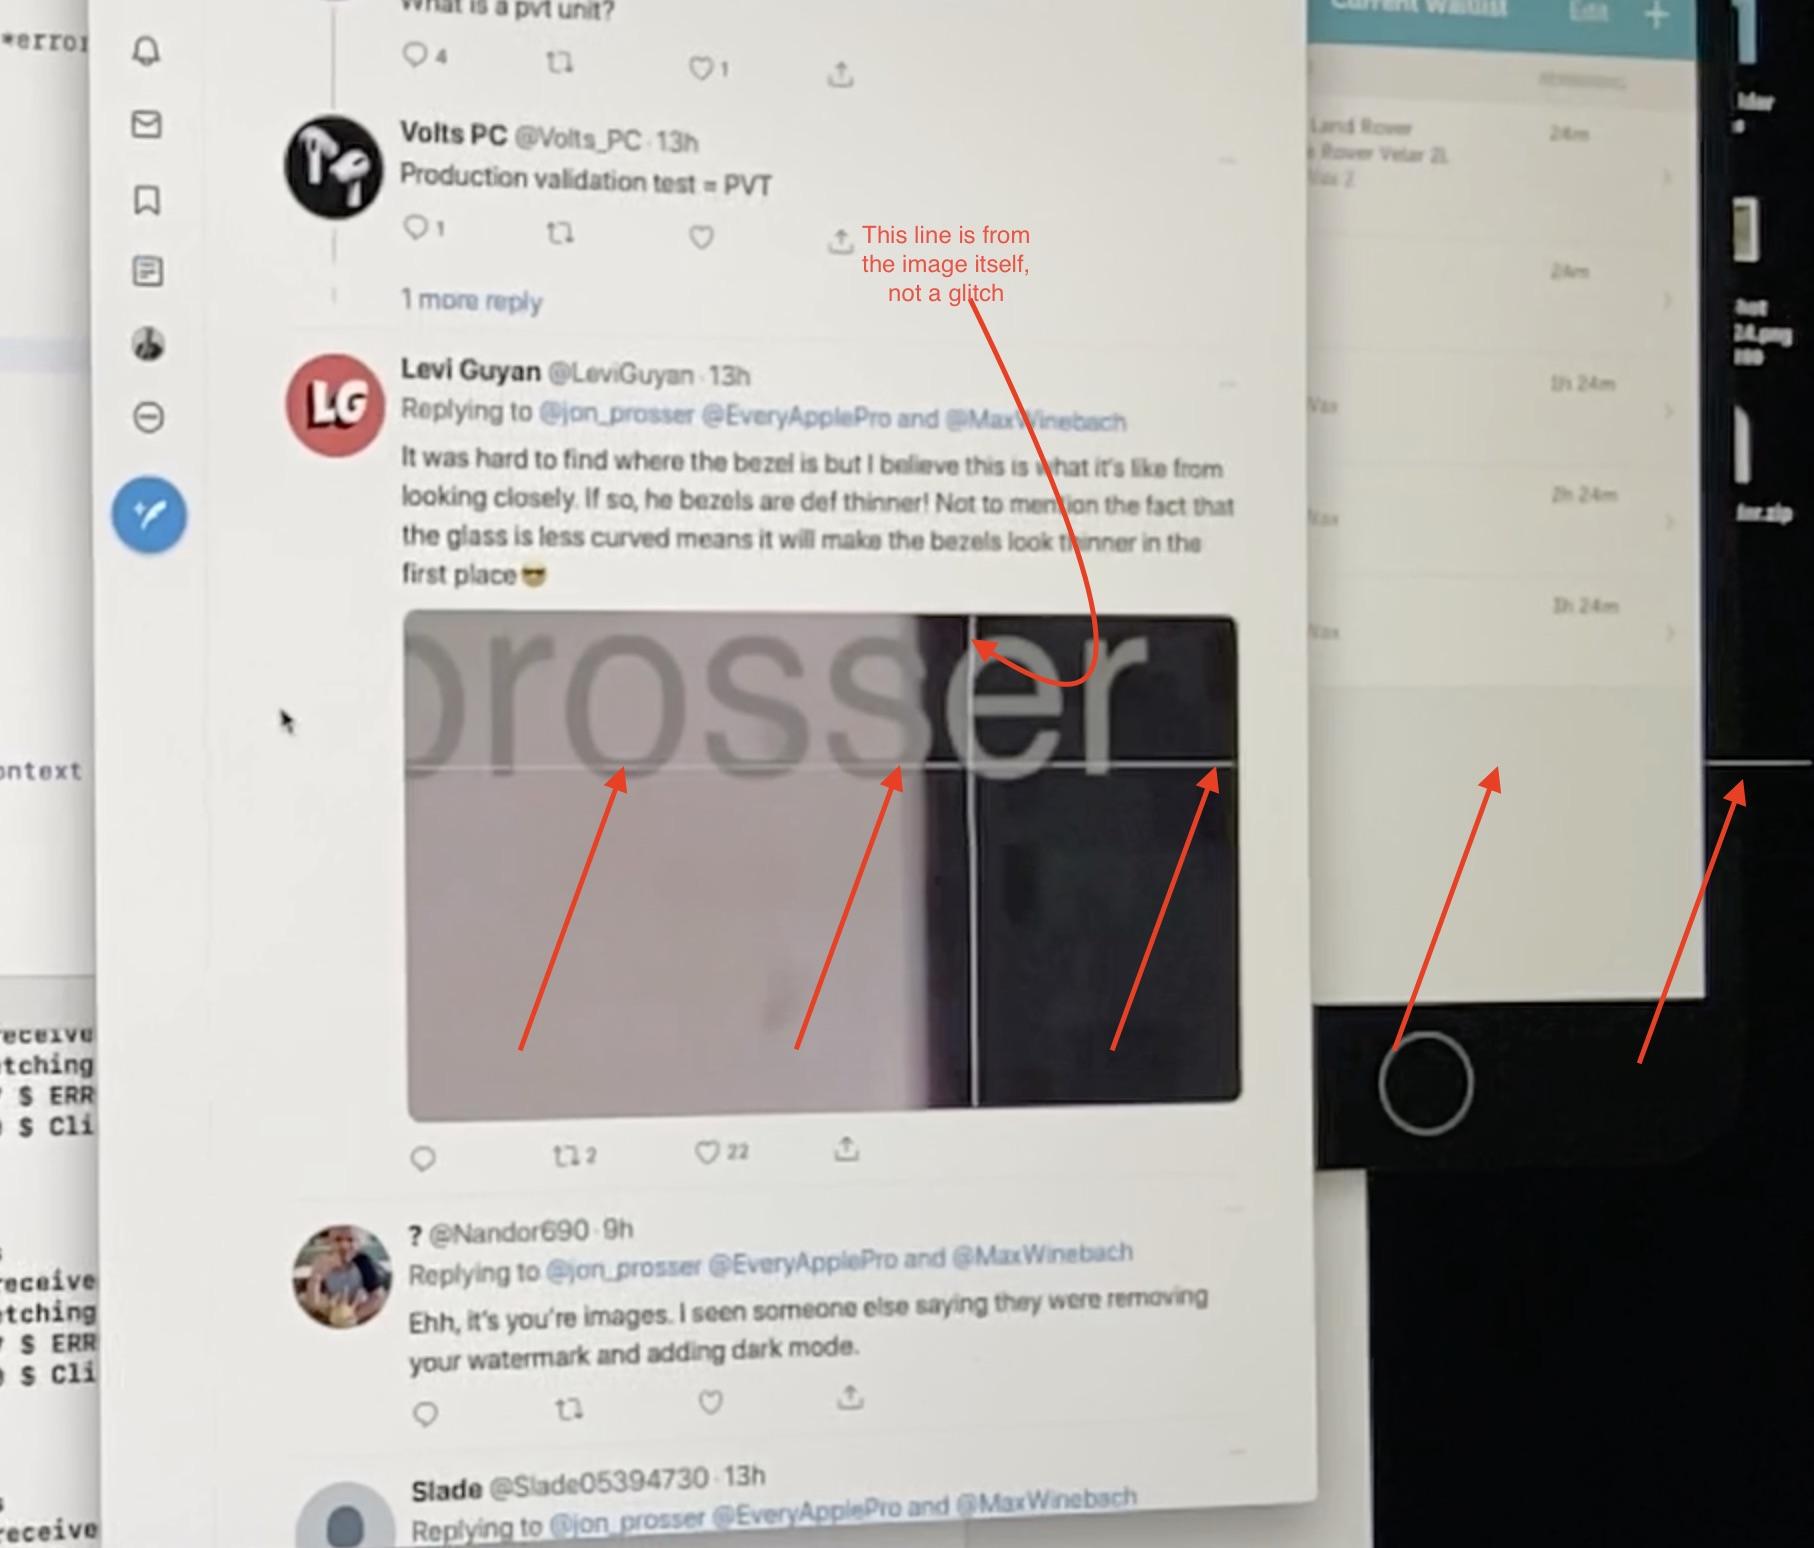 L'effetto prodotto dal bug sullo schermo di iMac